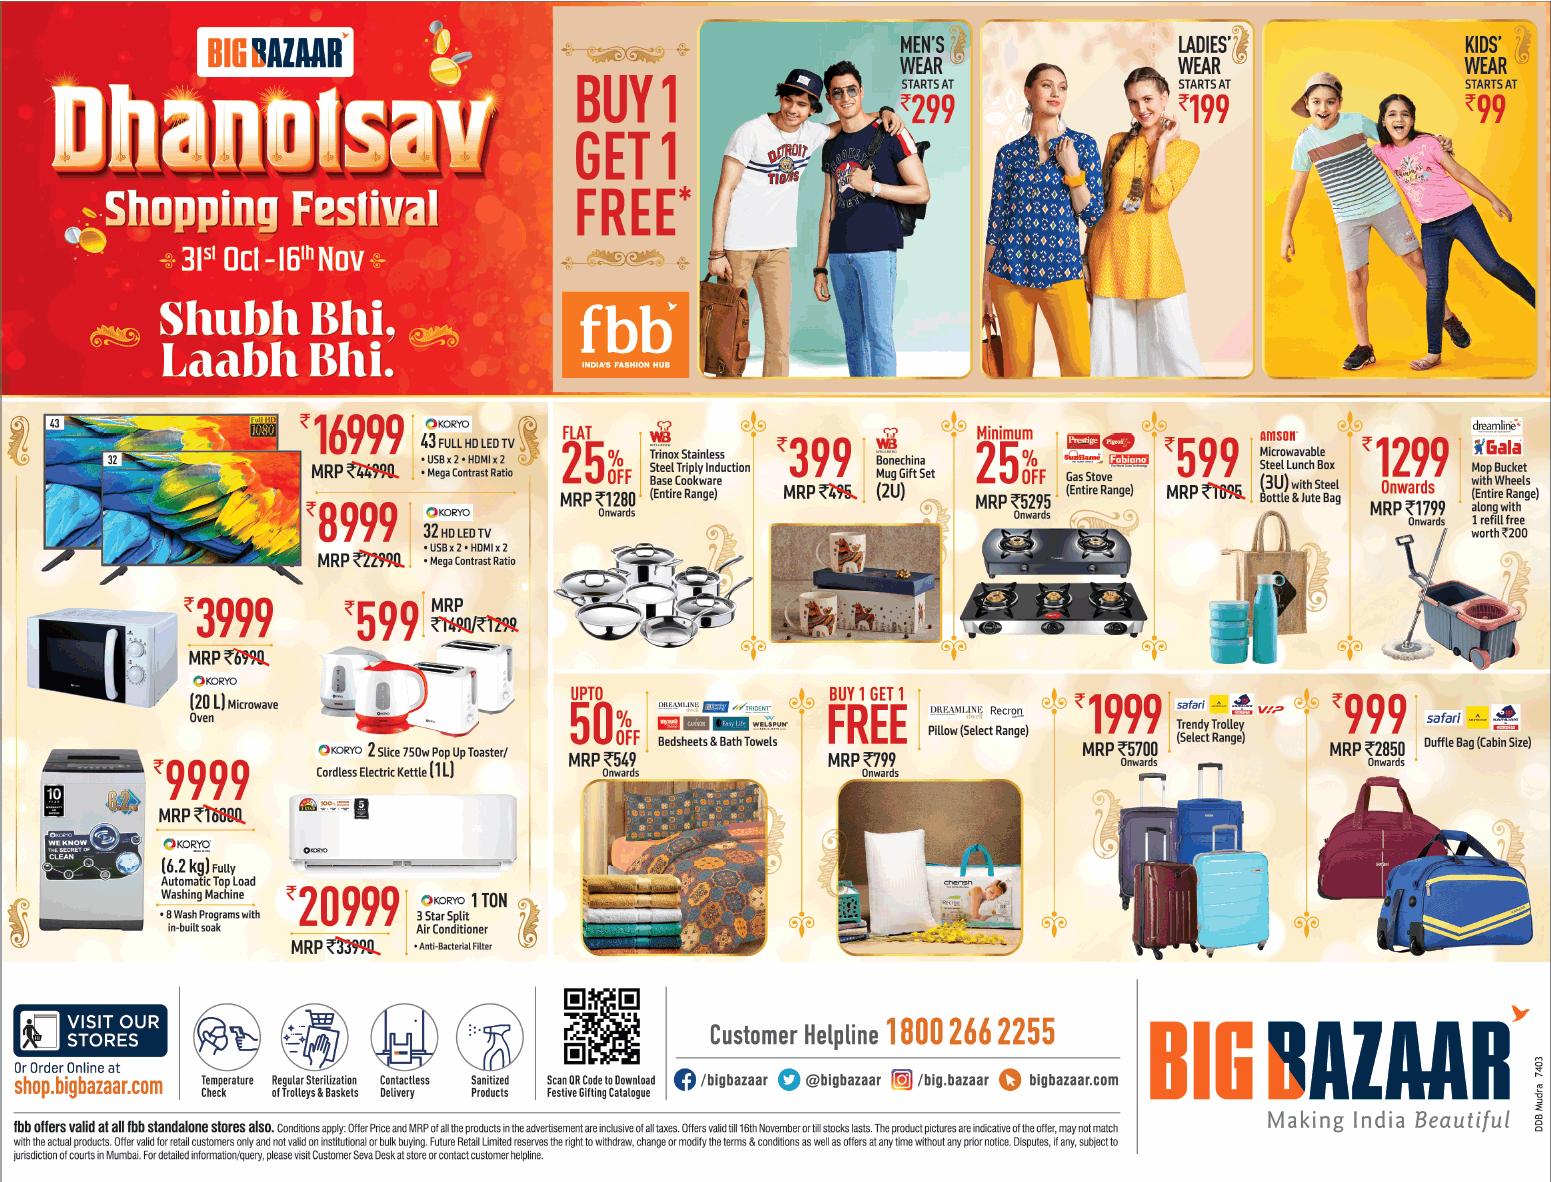 big-bazaar-dhanotsav-shopping-festival-31s-oct-16th-nov-shubh-bhi-laabh-bhi-ad-bombay-times-31-10-2020